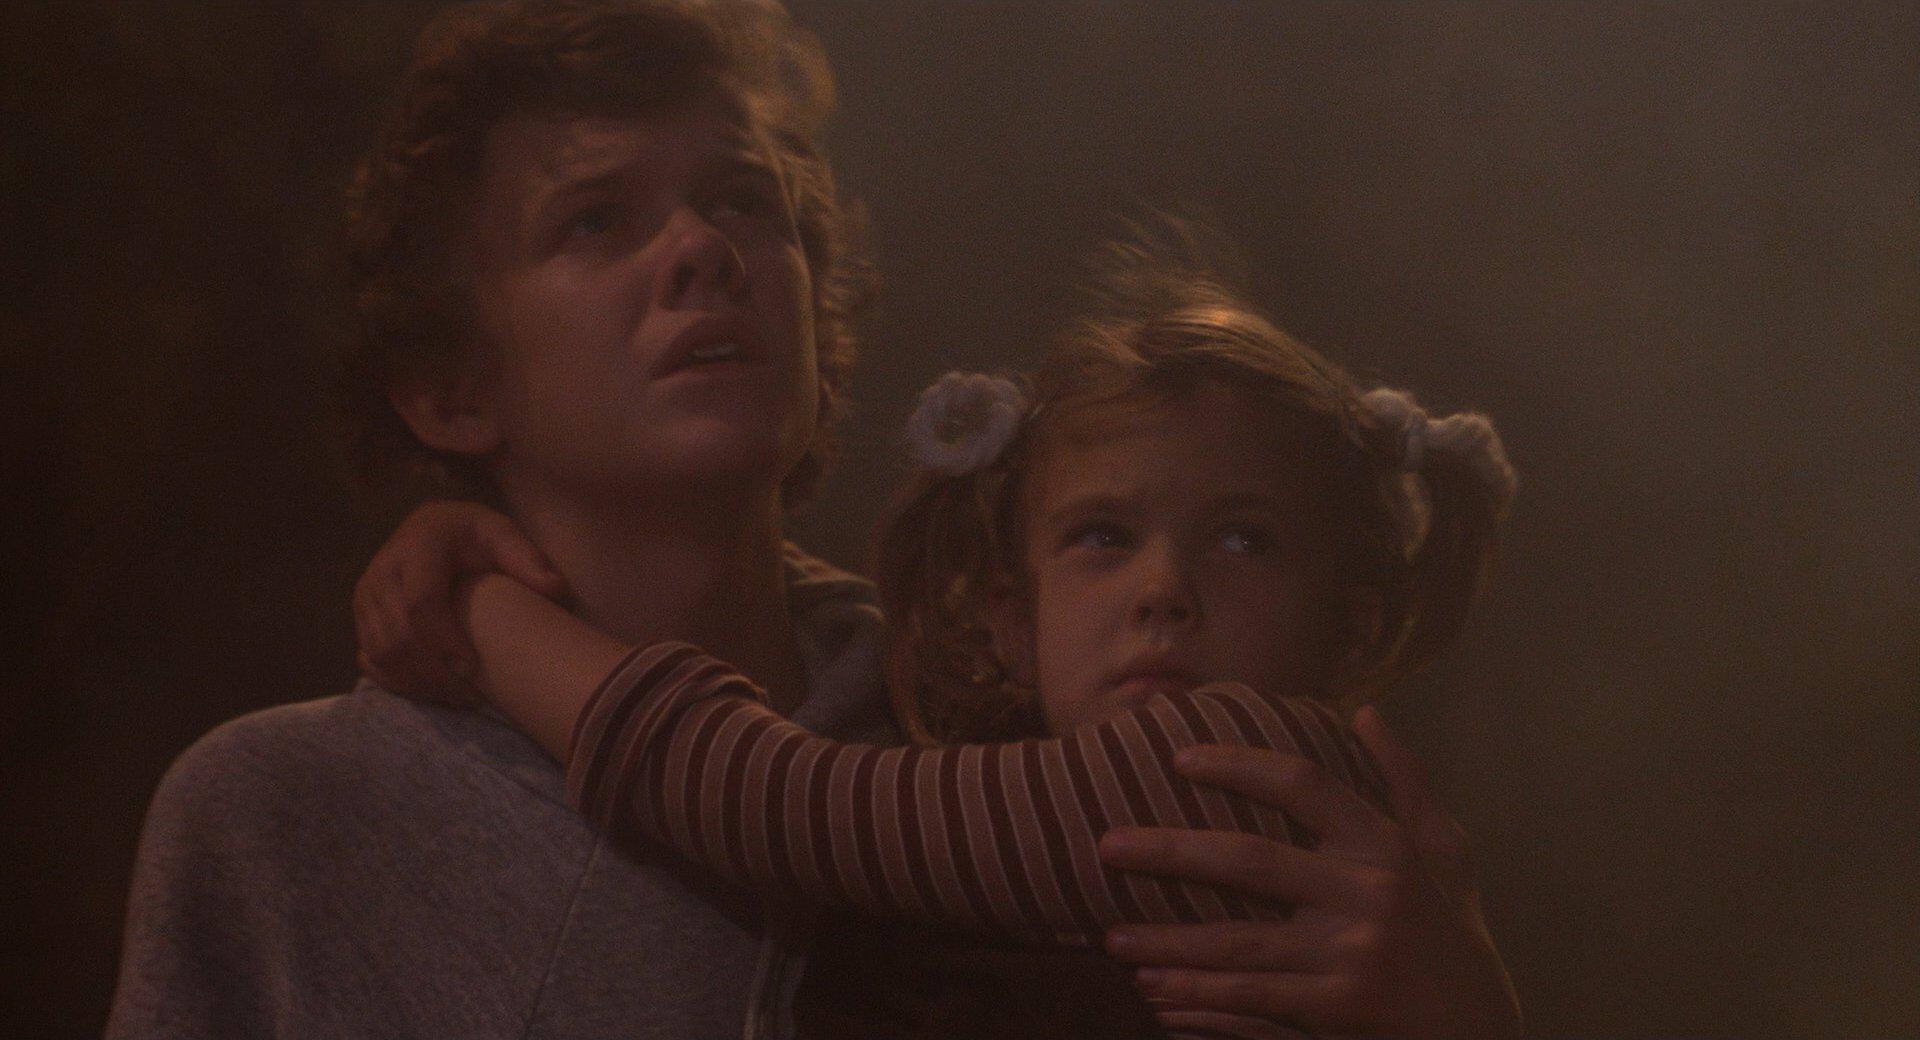 『E.T.』お兄ちゃんと妹